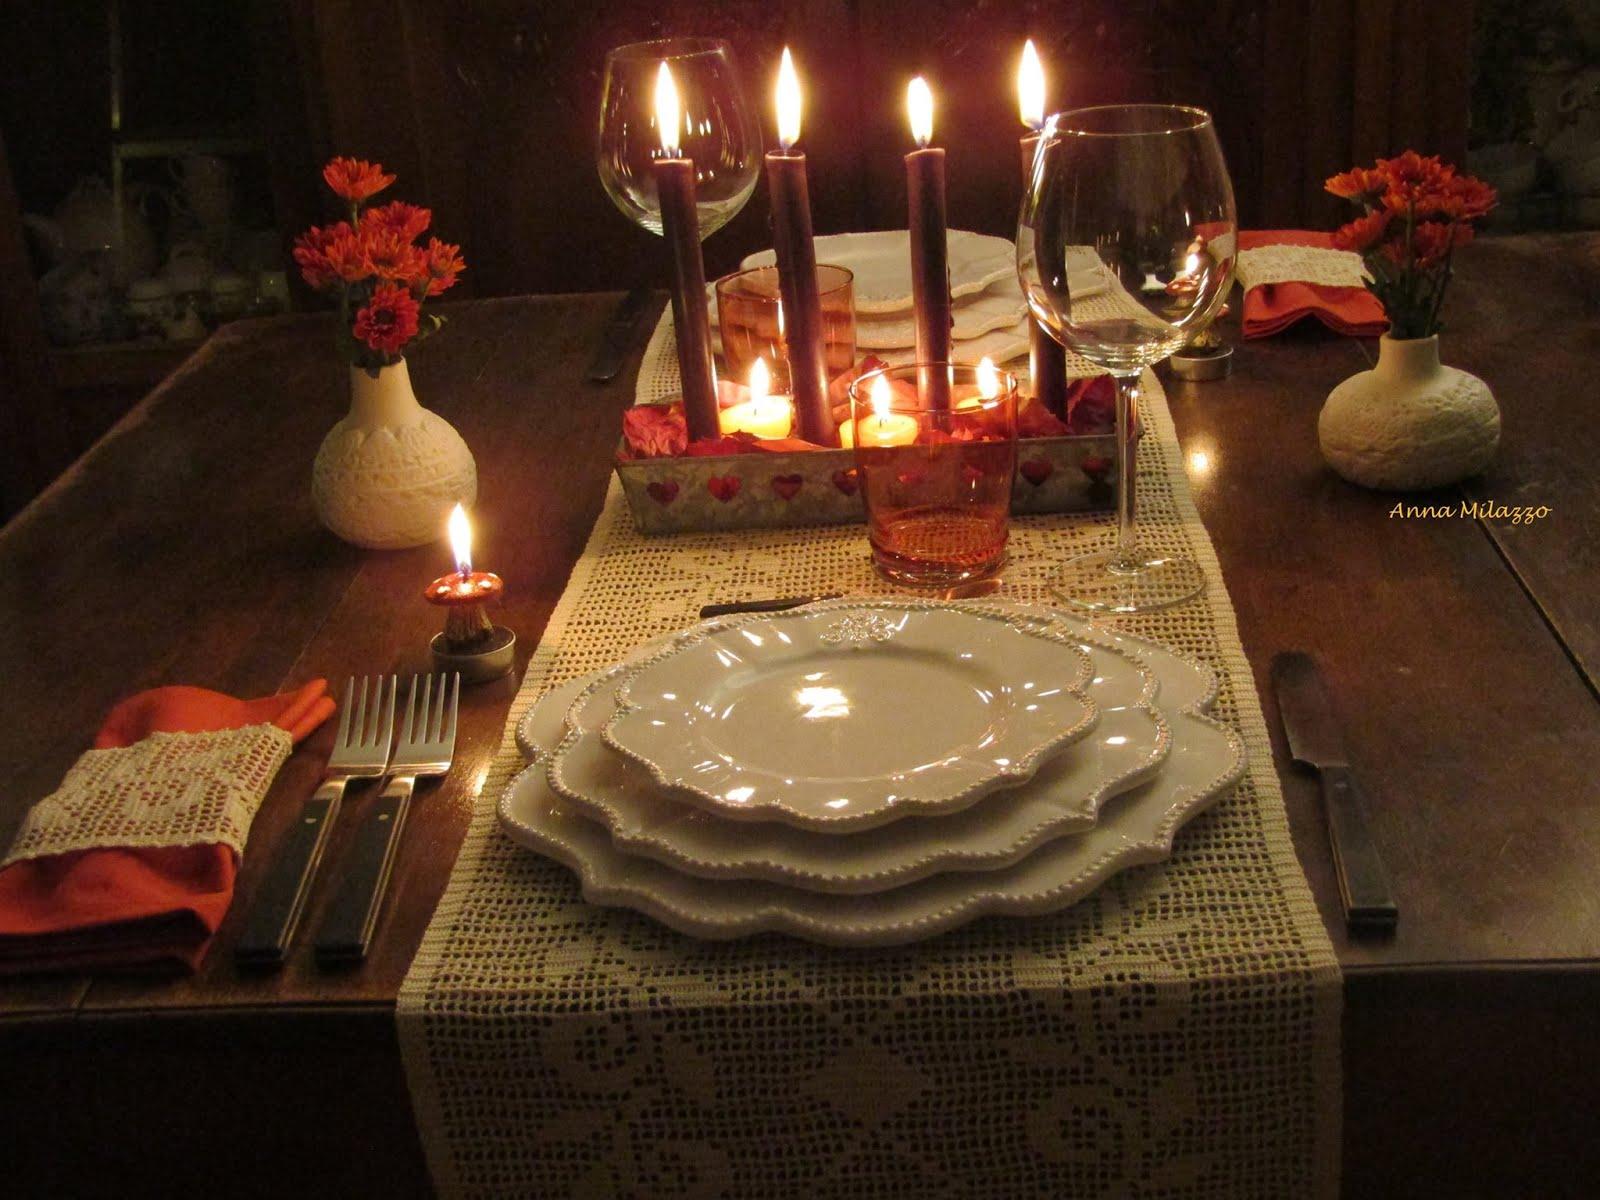 Noi siamo come candele accese l 39 arte di apparecchiare la tavola - Cuori allo specchio ...